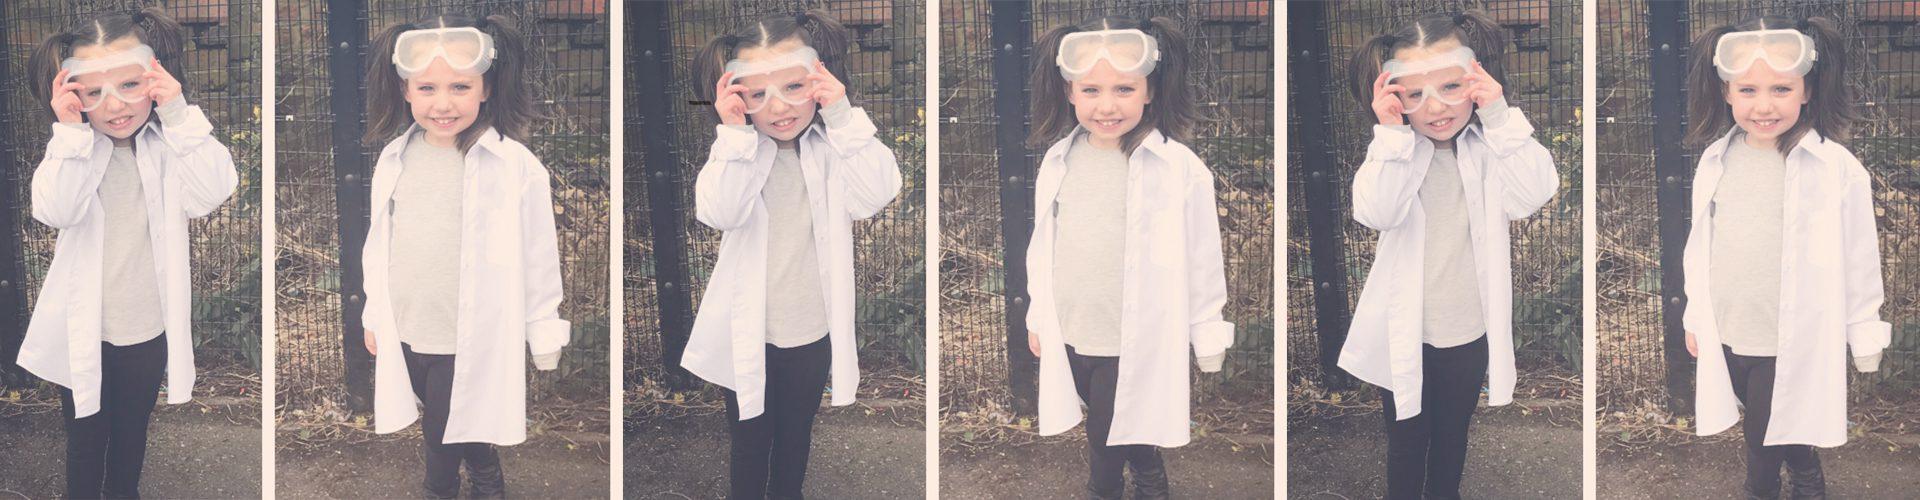 girl dressed as scientist